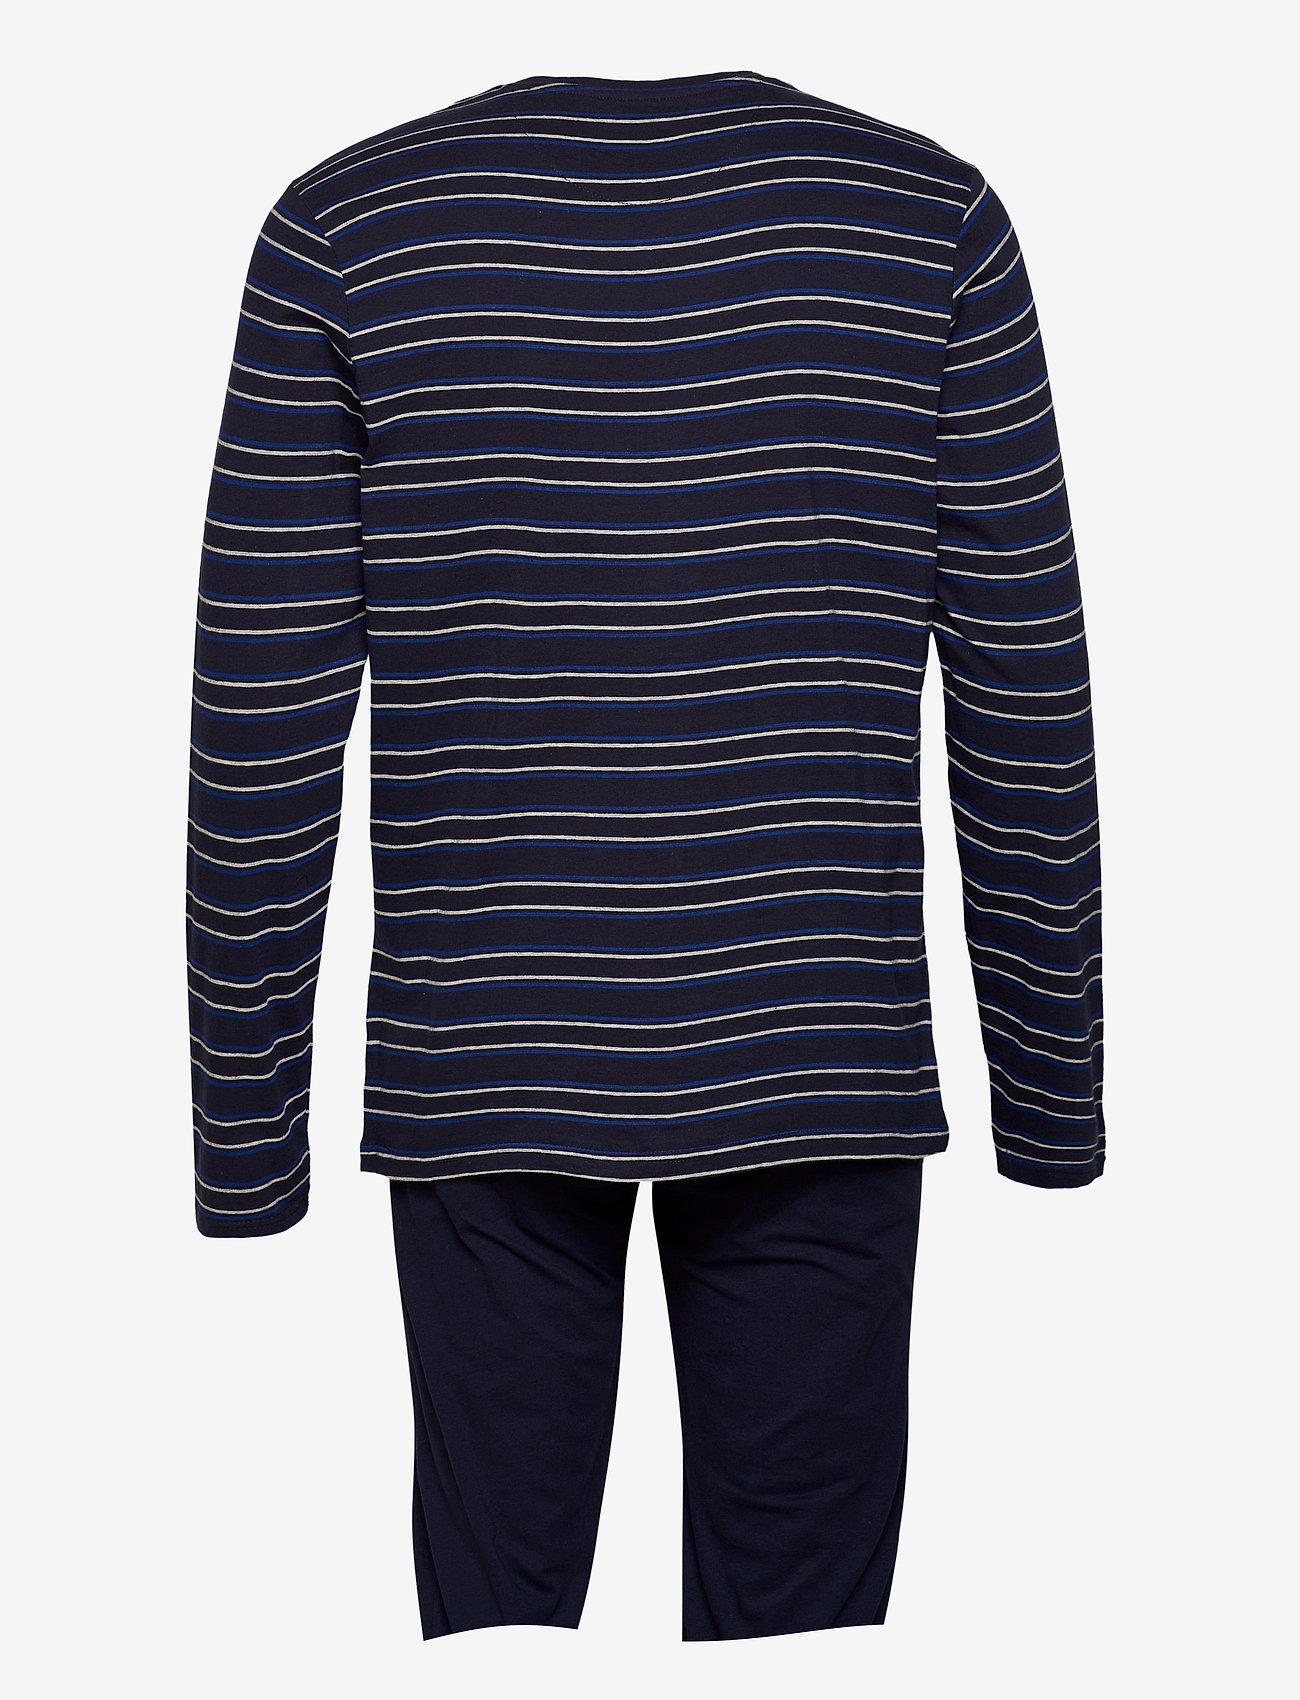 JBS JBS pyjamas jersey - Nattøy BLUE - Menn Klær